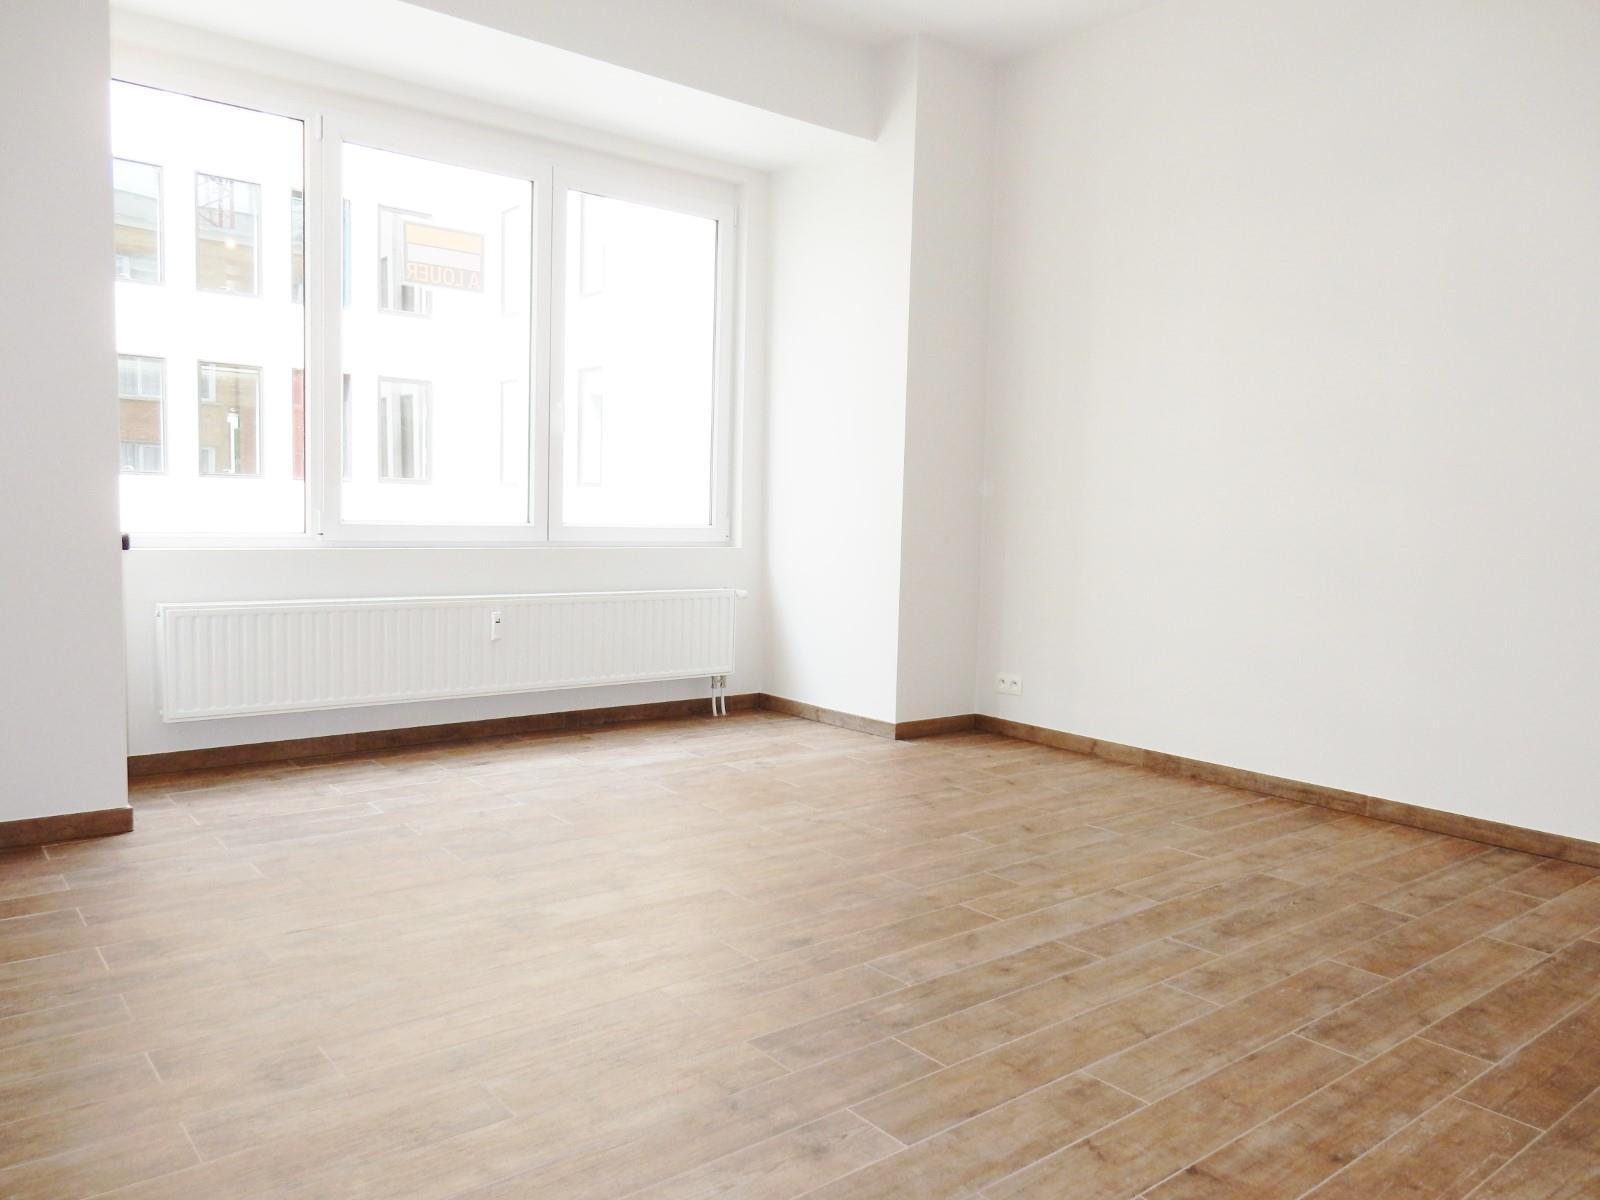 Flat - Bruxelles - #3451382-0